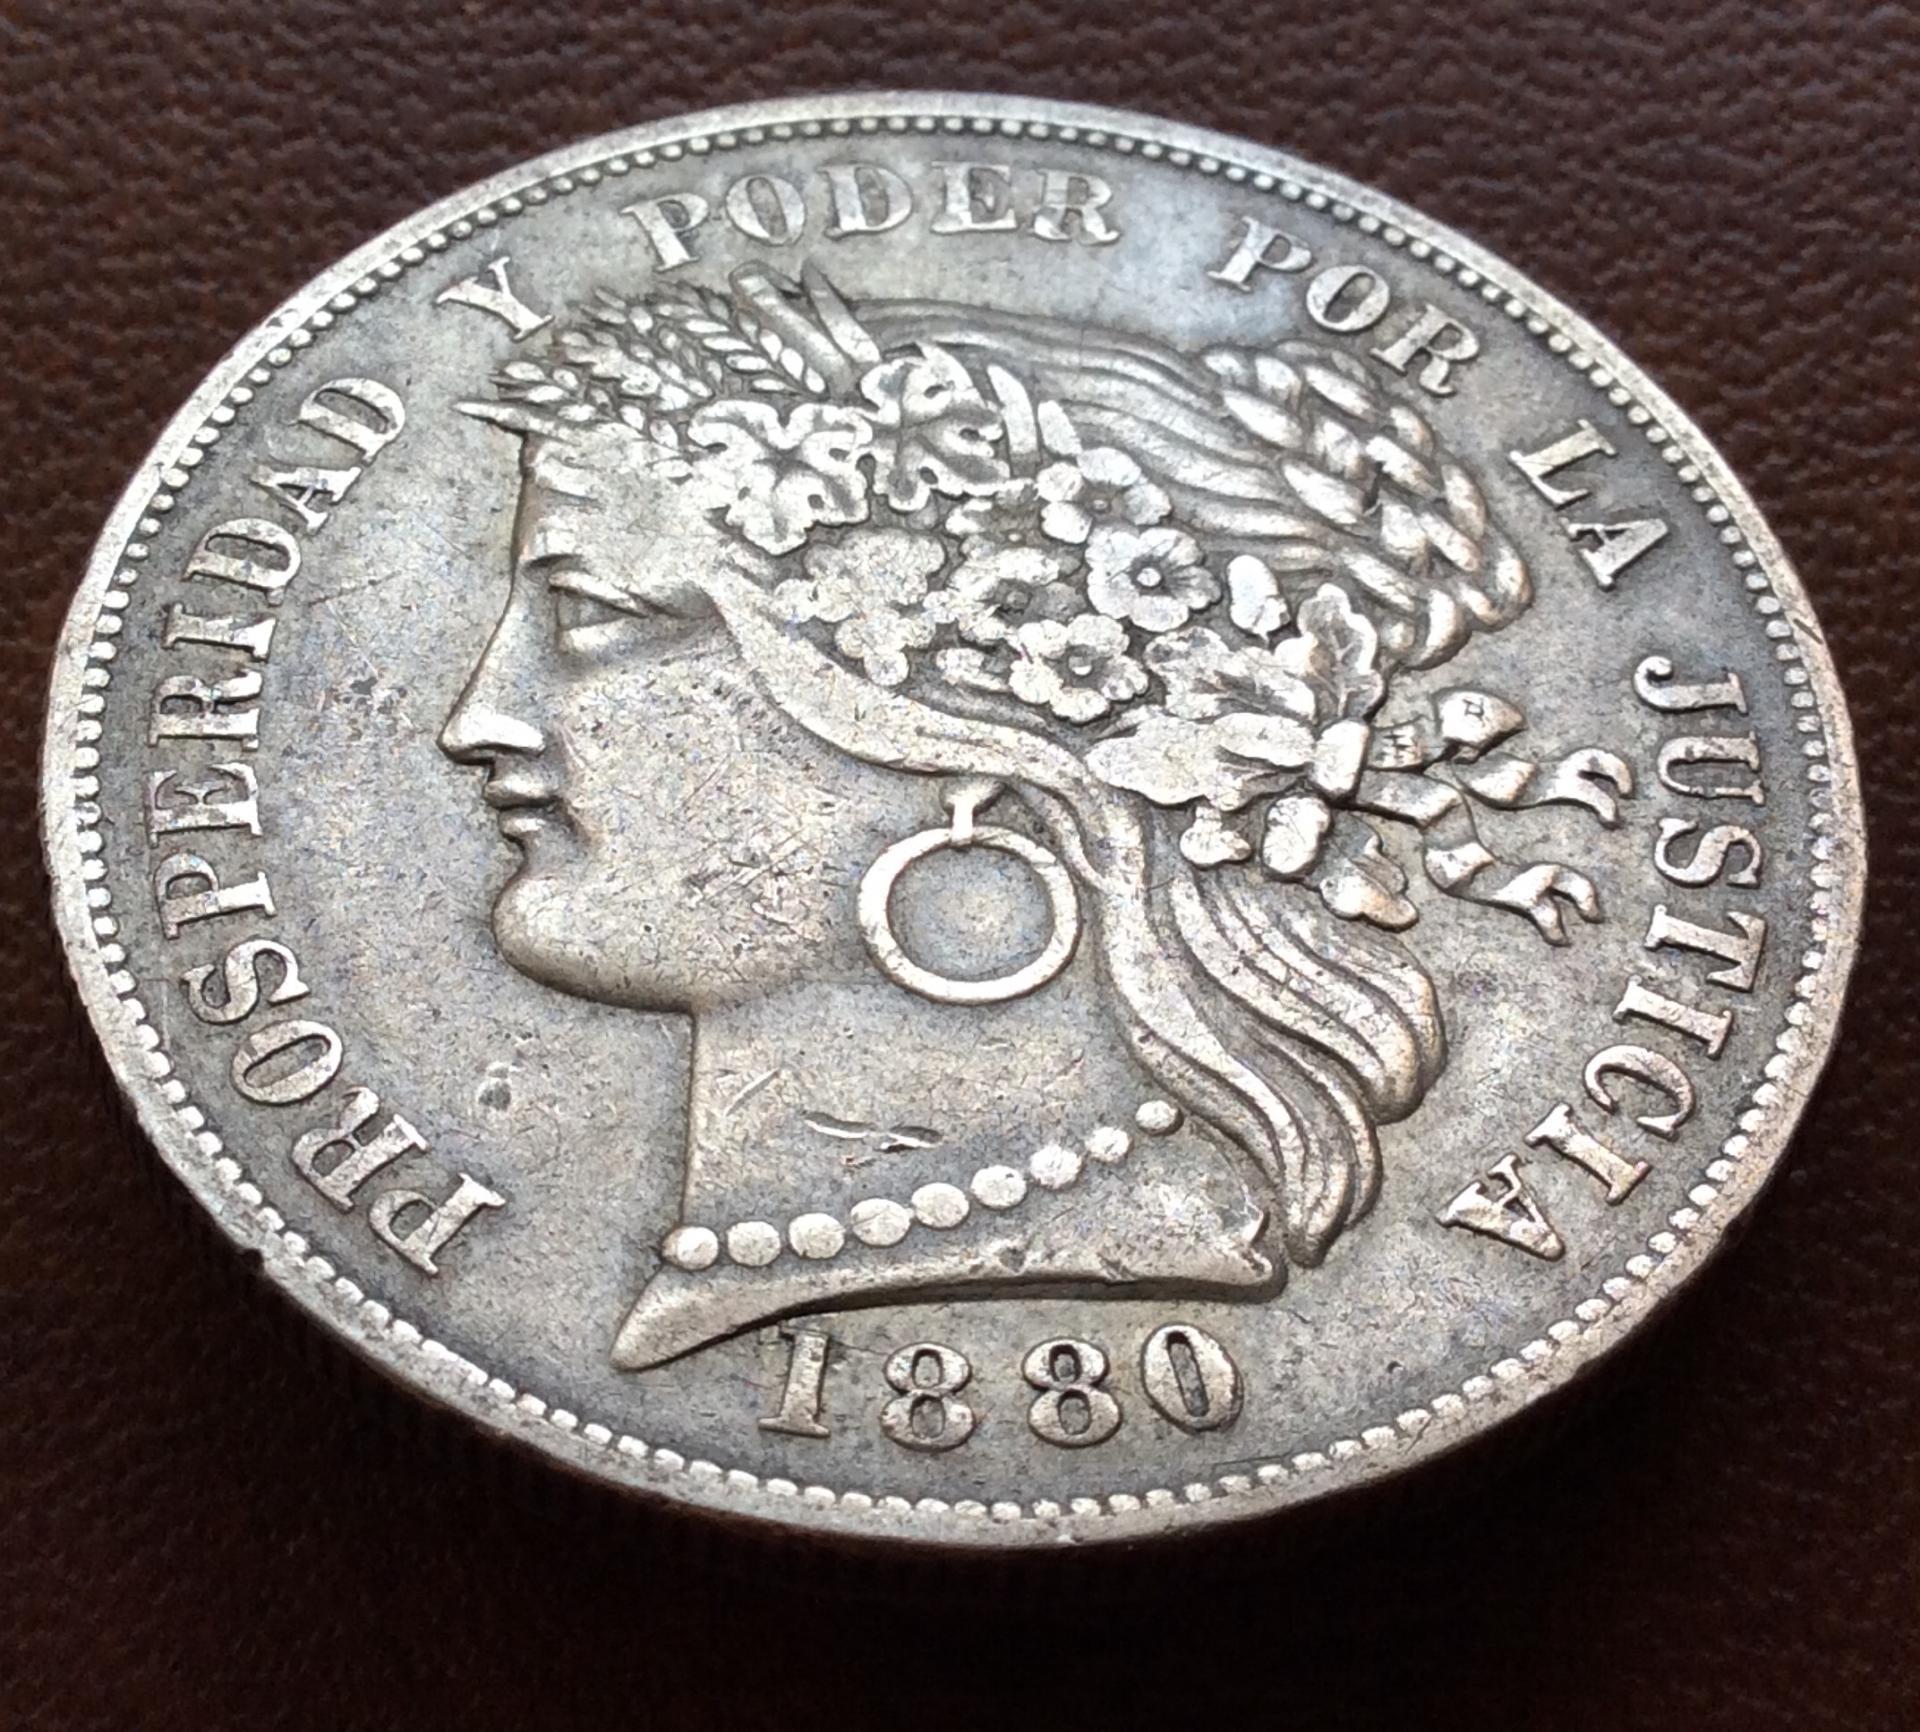 5 PESETAS PLATA 1880 - REPUBLICA PERUANA LIMA - ESCASA